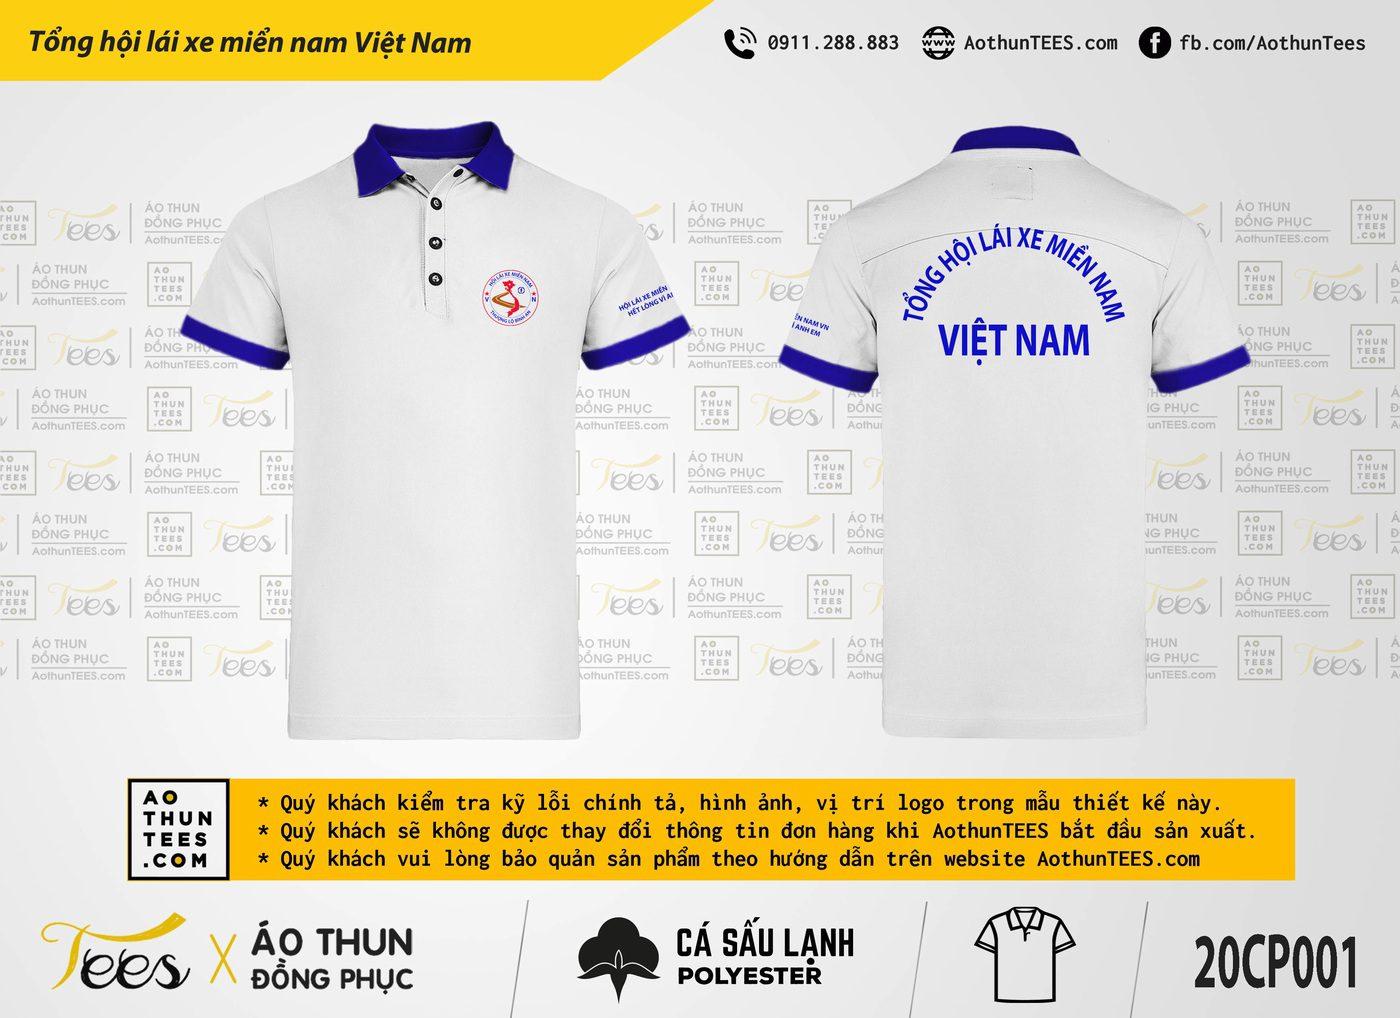 Áo thun đồng phục – Tổng Hội lái xe miền Nam Việt Nam